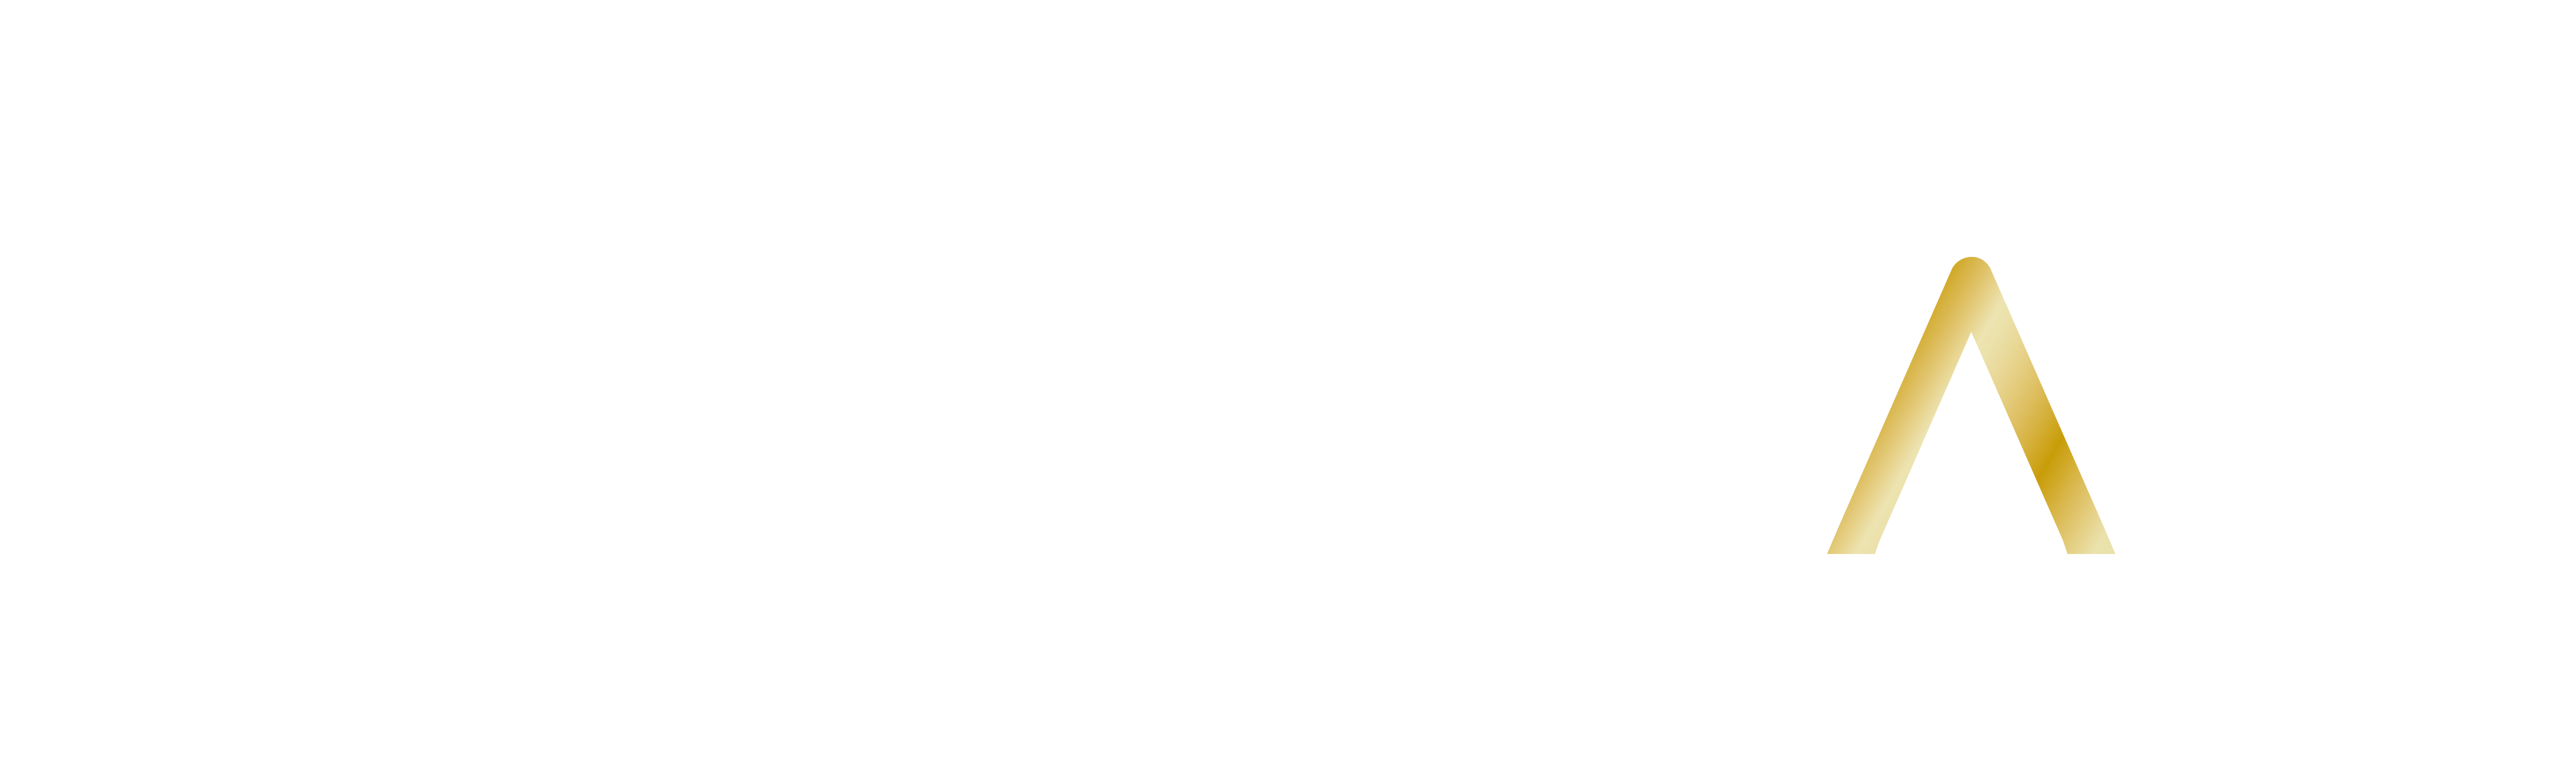 BellHogar blanco 2021